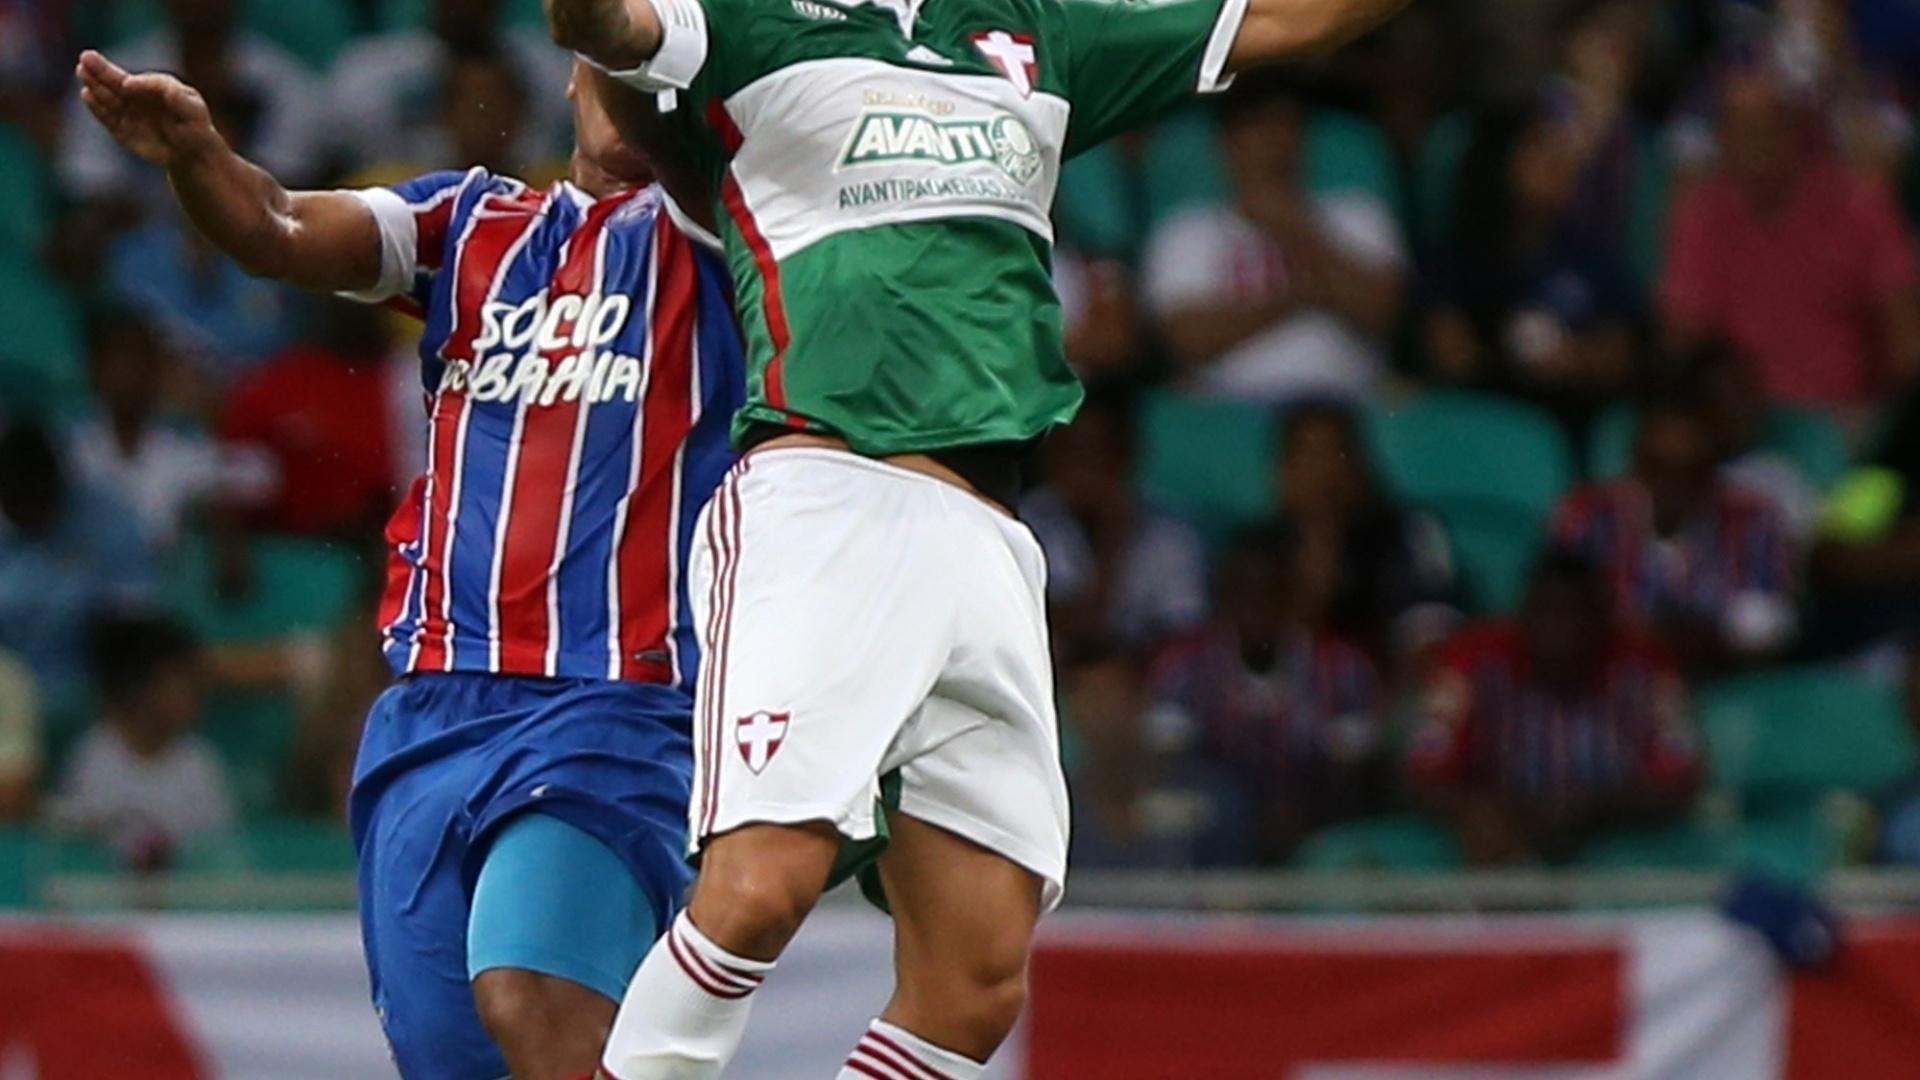 Valdivia se estica para cabecear a bola na partida entre Palmeiras e Bahia